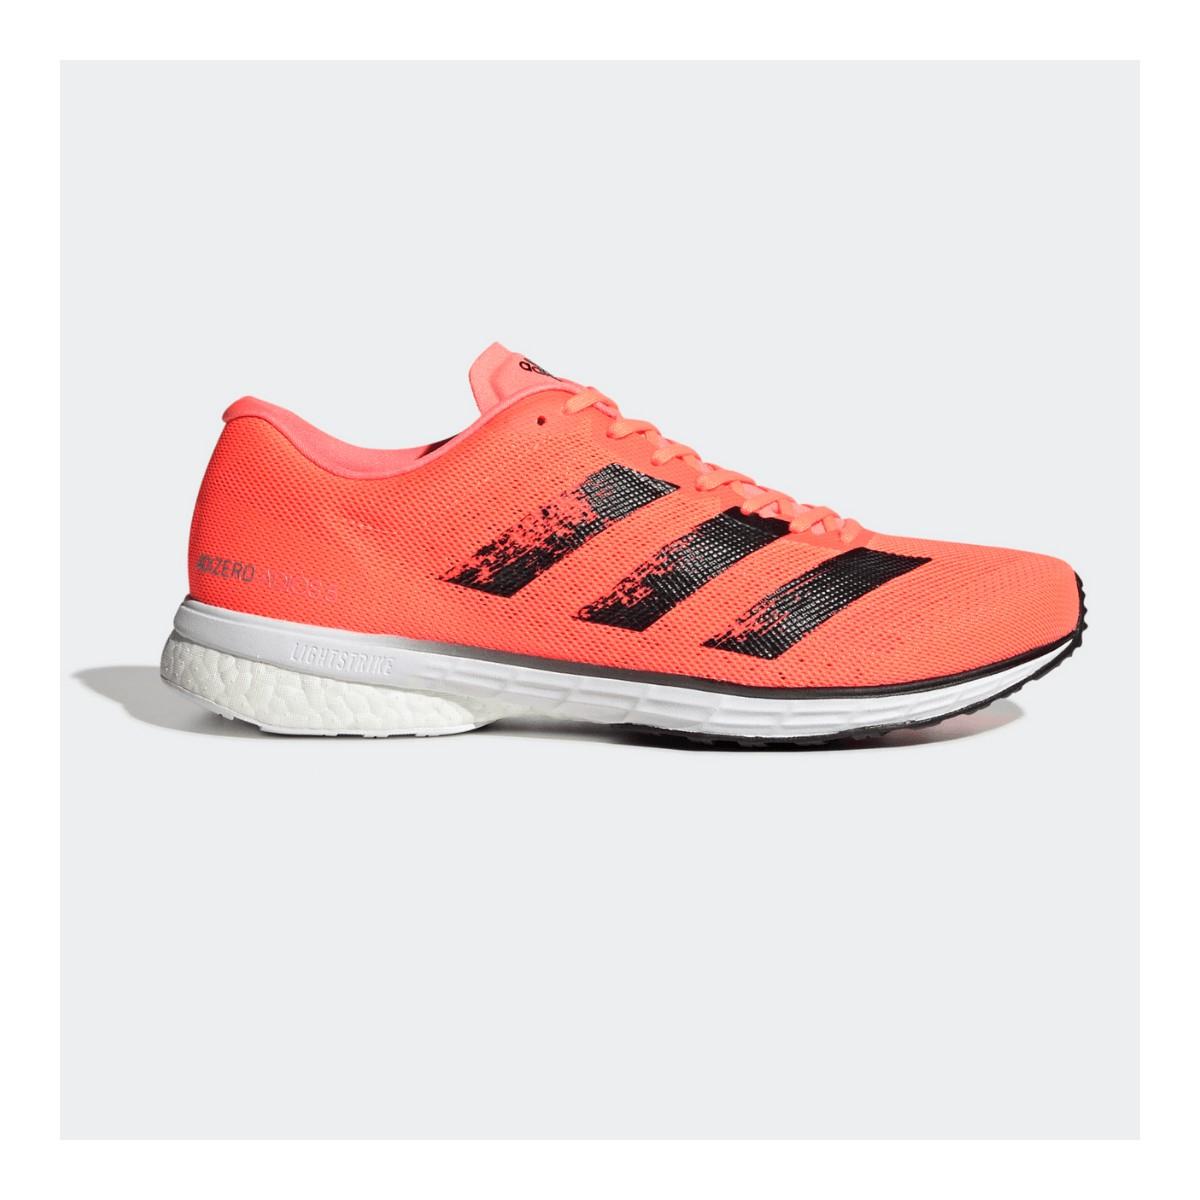 Adidas Adizero Adios 5 Orange Fluor